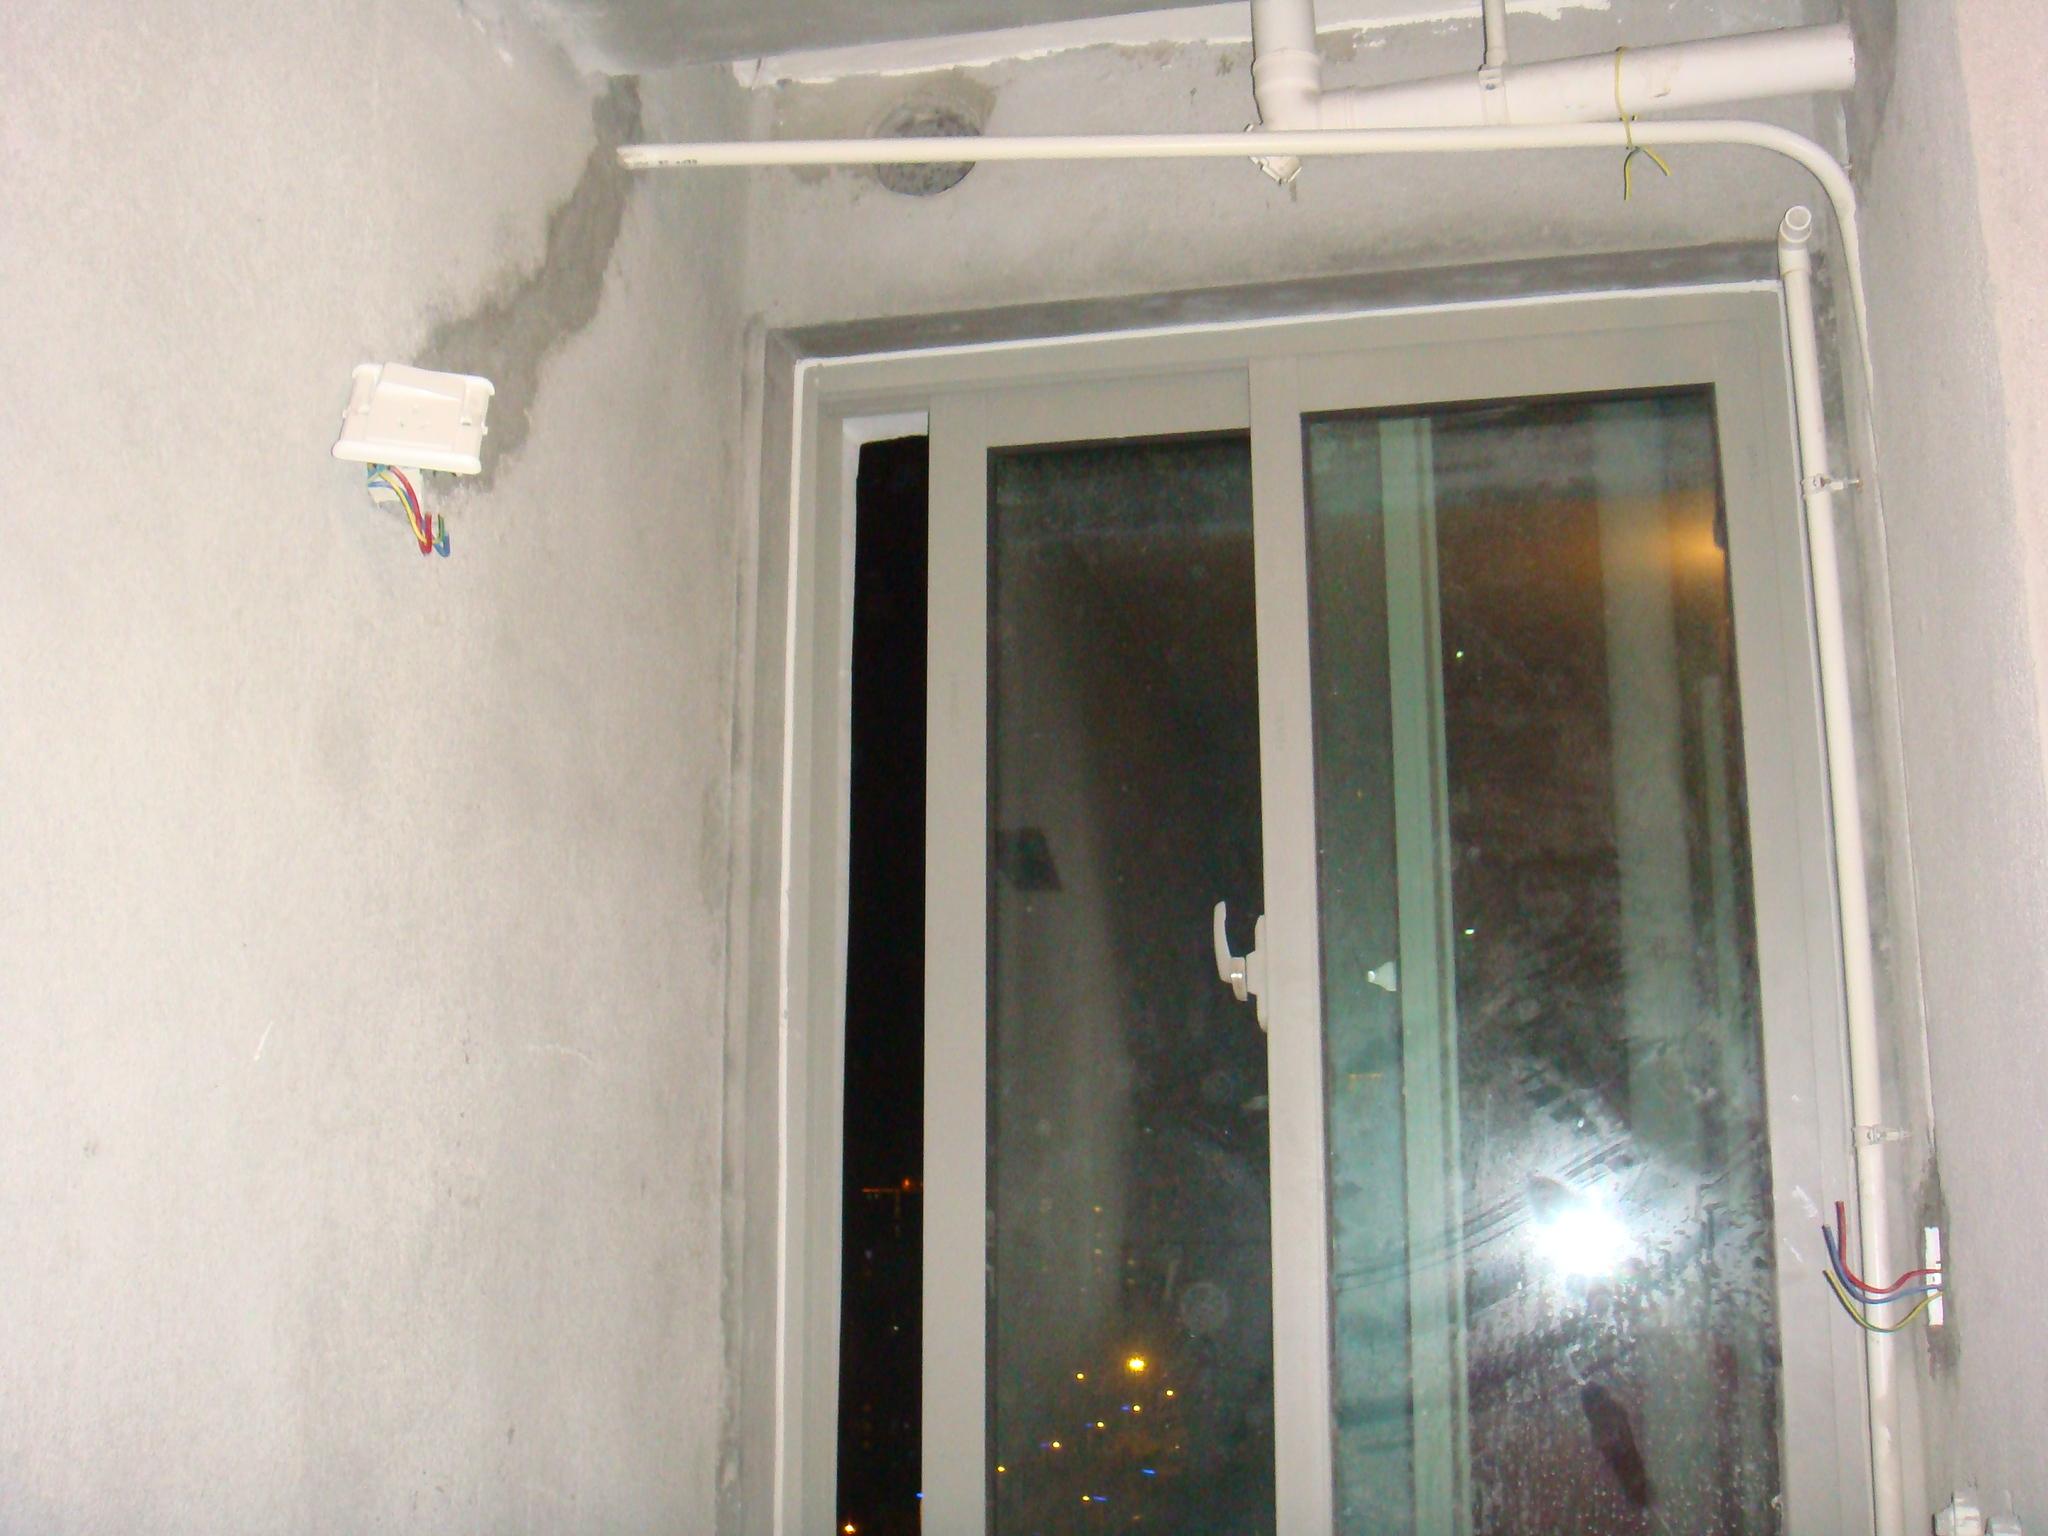 日高做的水电,请大家帮忙看看是否存在不规范施工 网友装修交流区 高清图片